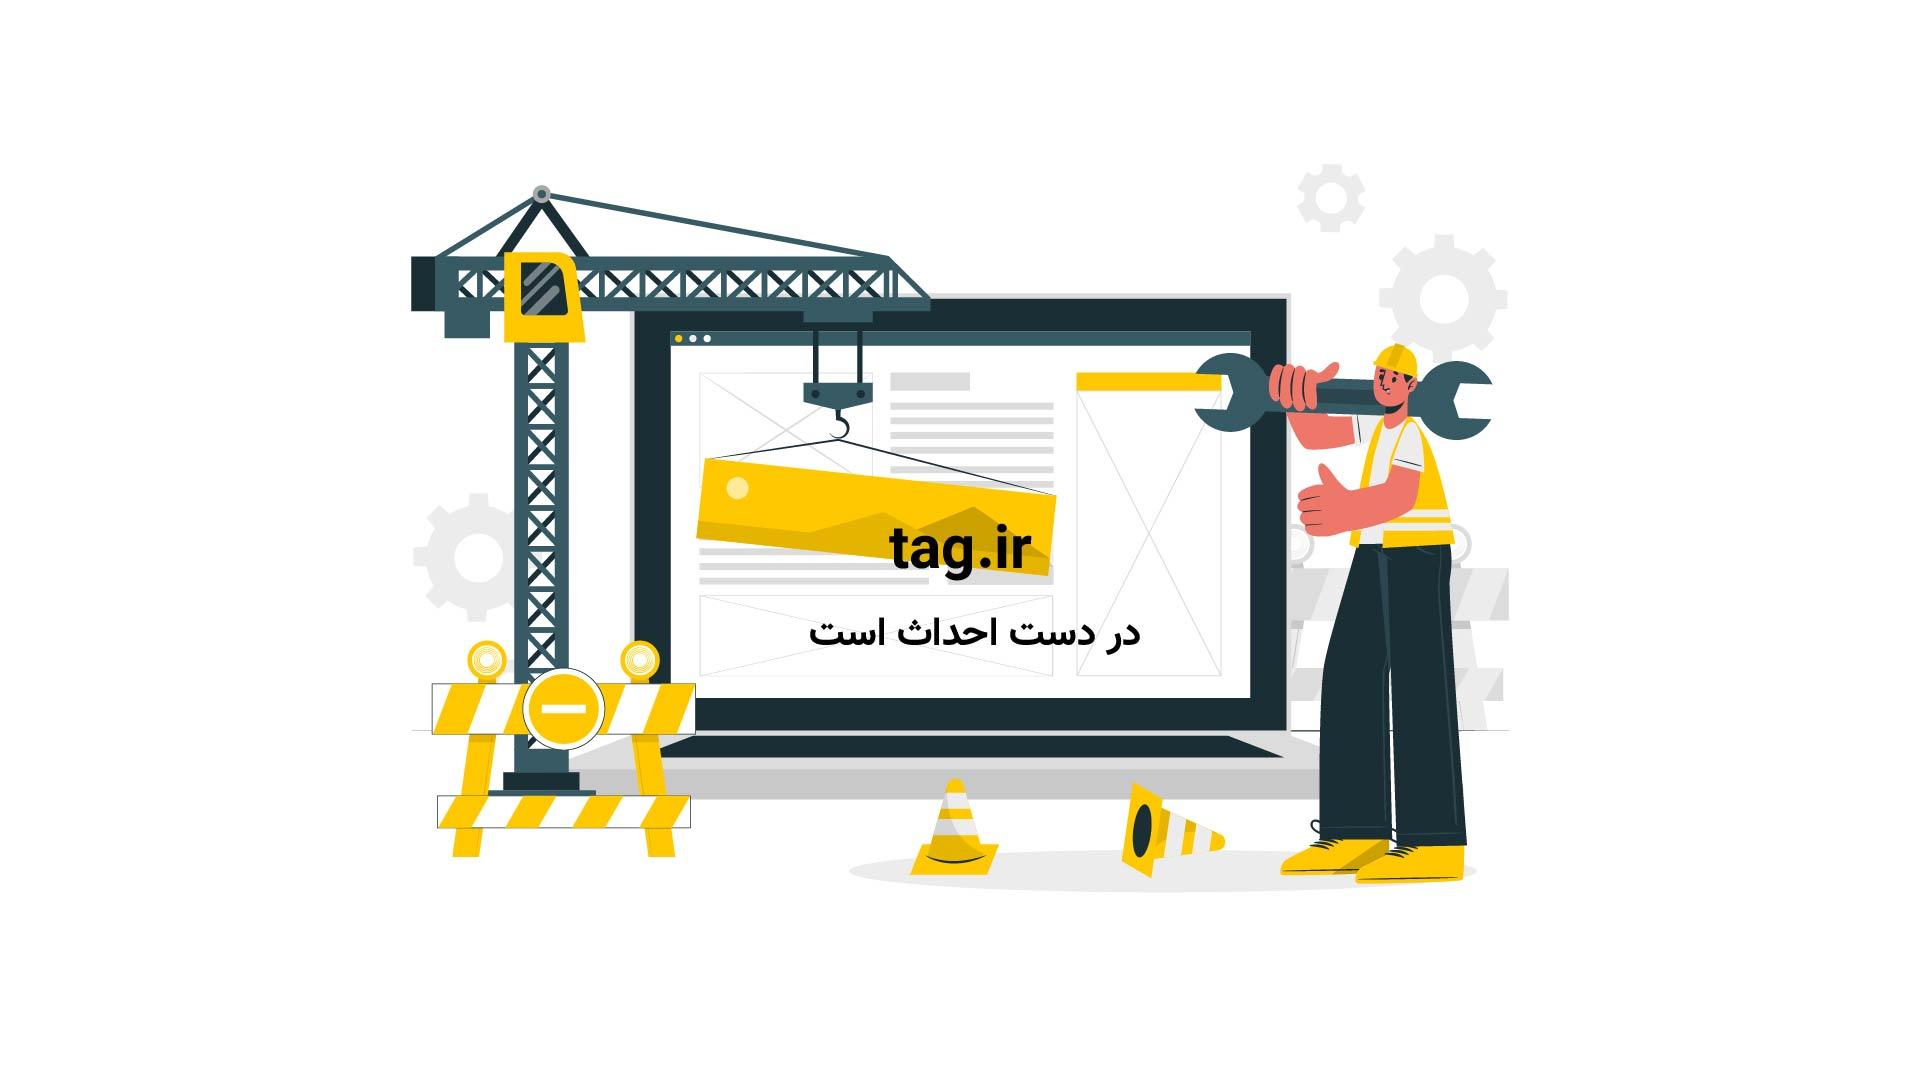 فیلم جالب از واکنش میمونها به بیعدالتی|تگ